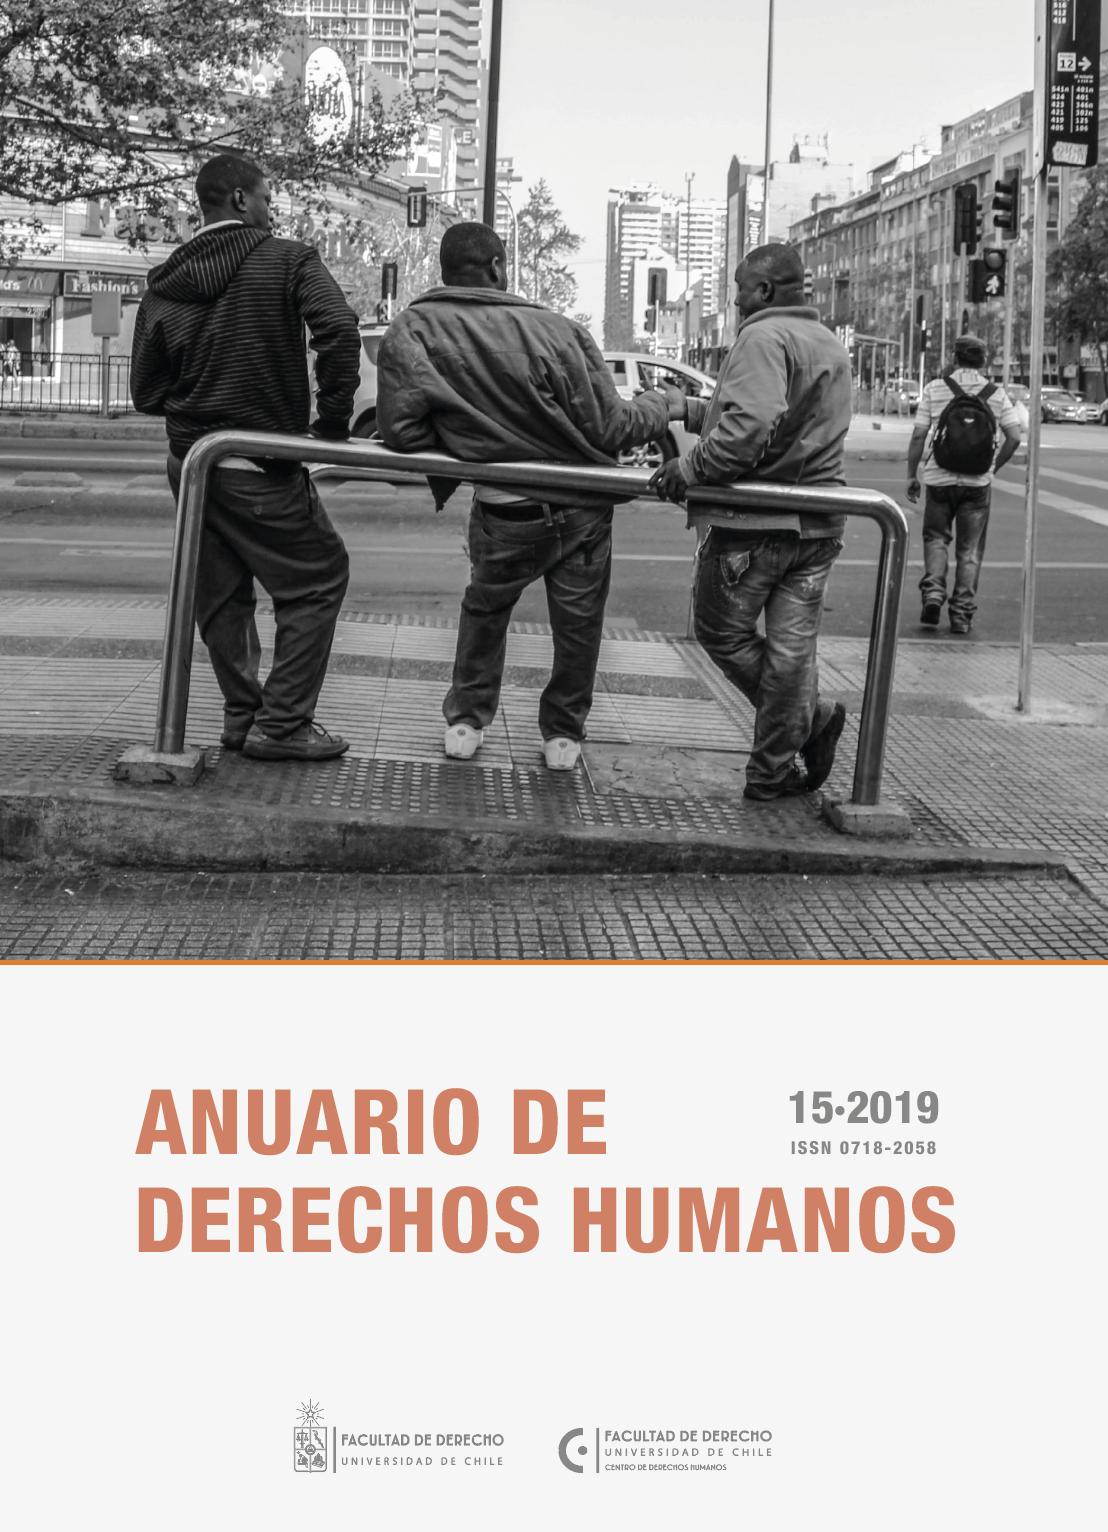 Anuario de Derechos Humanos. Portada